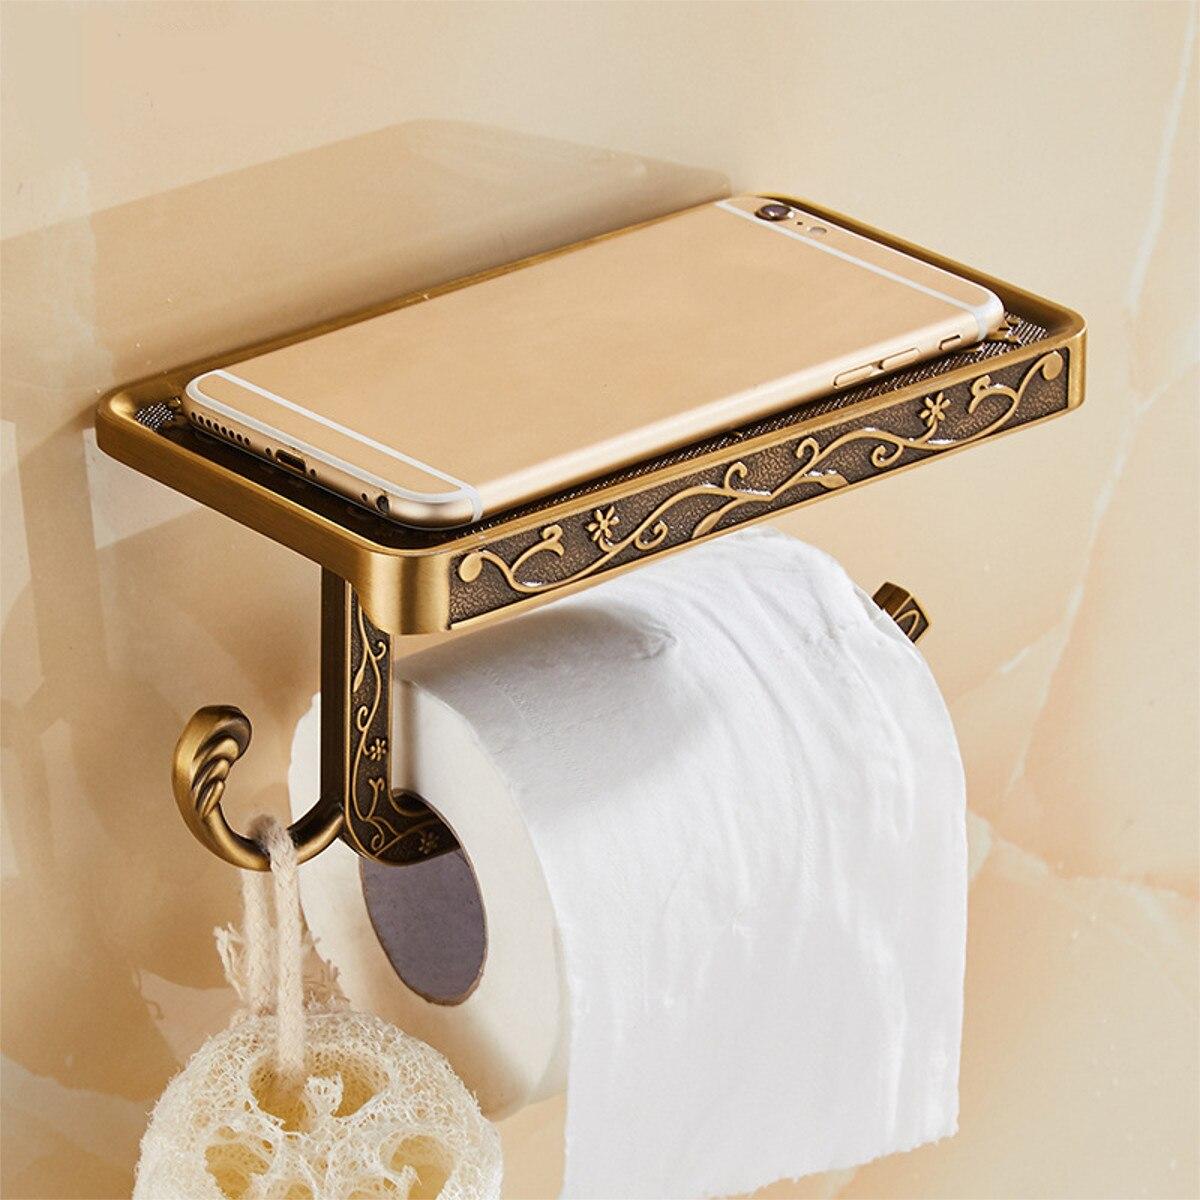 Antiguo tallado de aleación de Zinc de cuarto de baño de papel titular del teléfono móvil con estante de toalla de baño de Rack titular de papel higiénico cajas de pañuelos